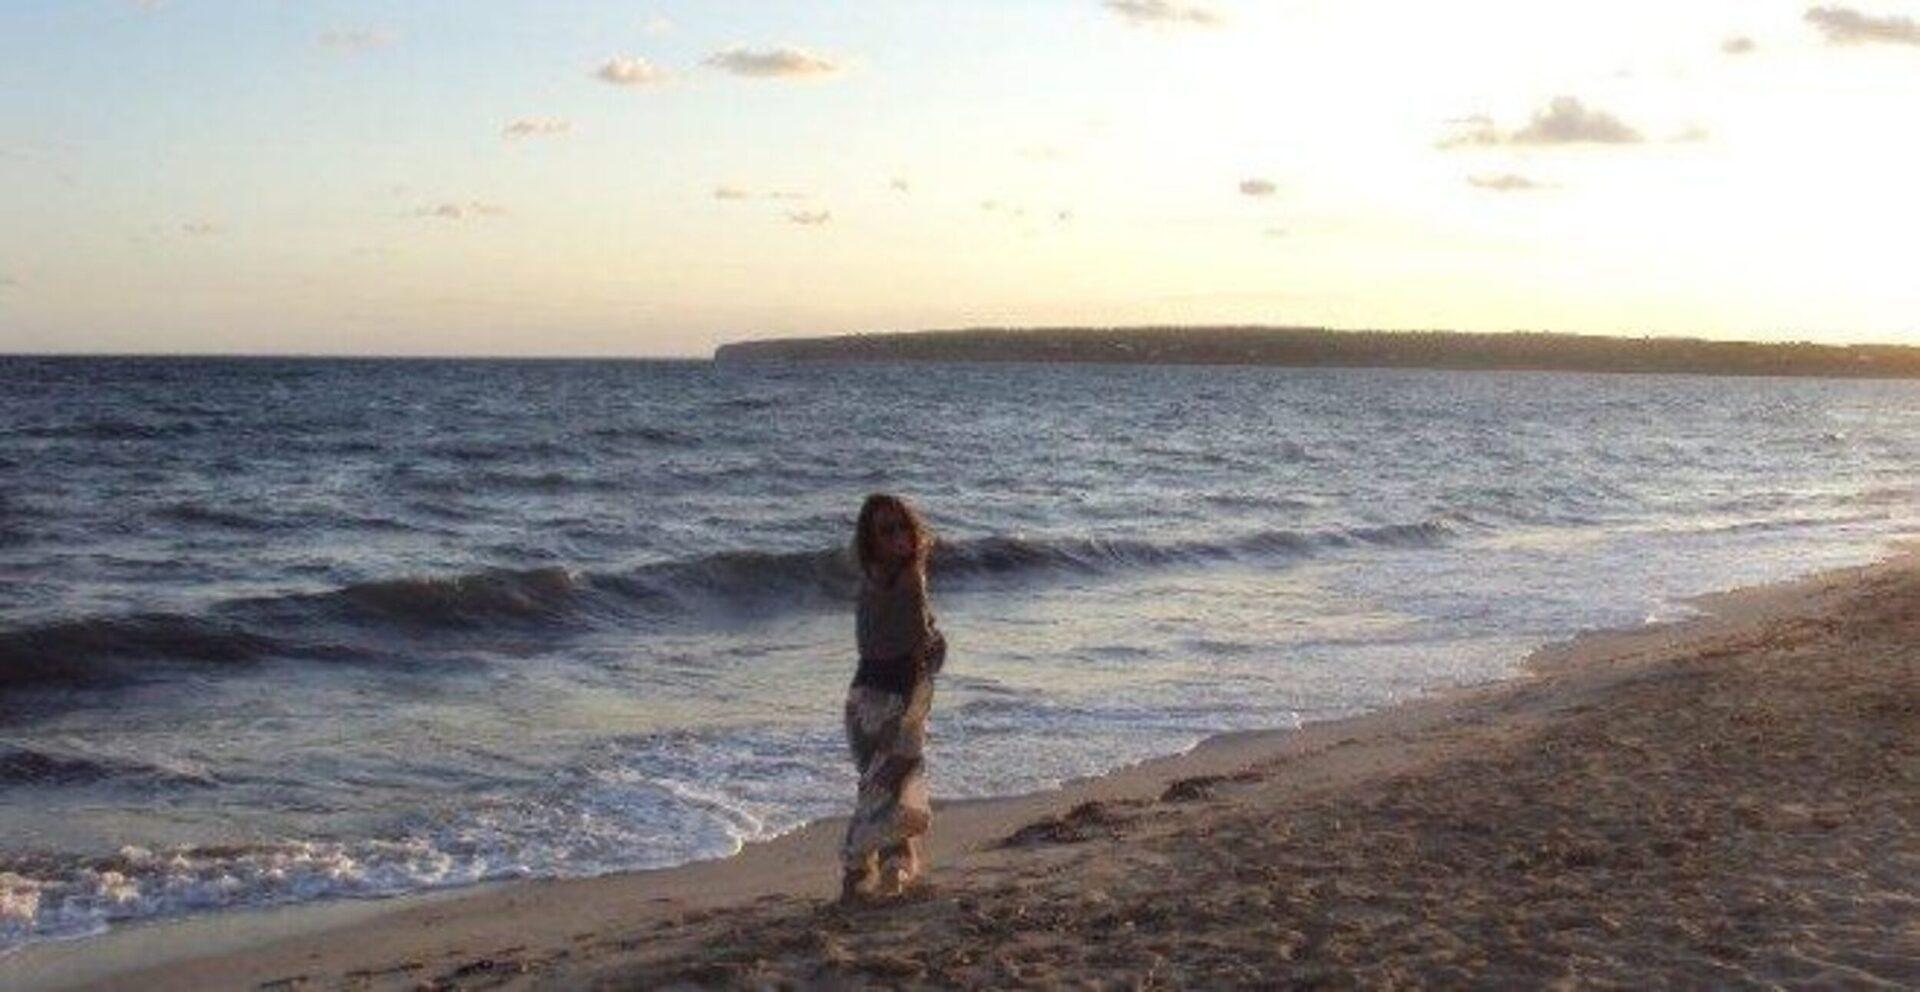 L'aperitivo a Formentera te lo spiego io. Post di Sara